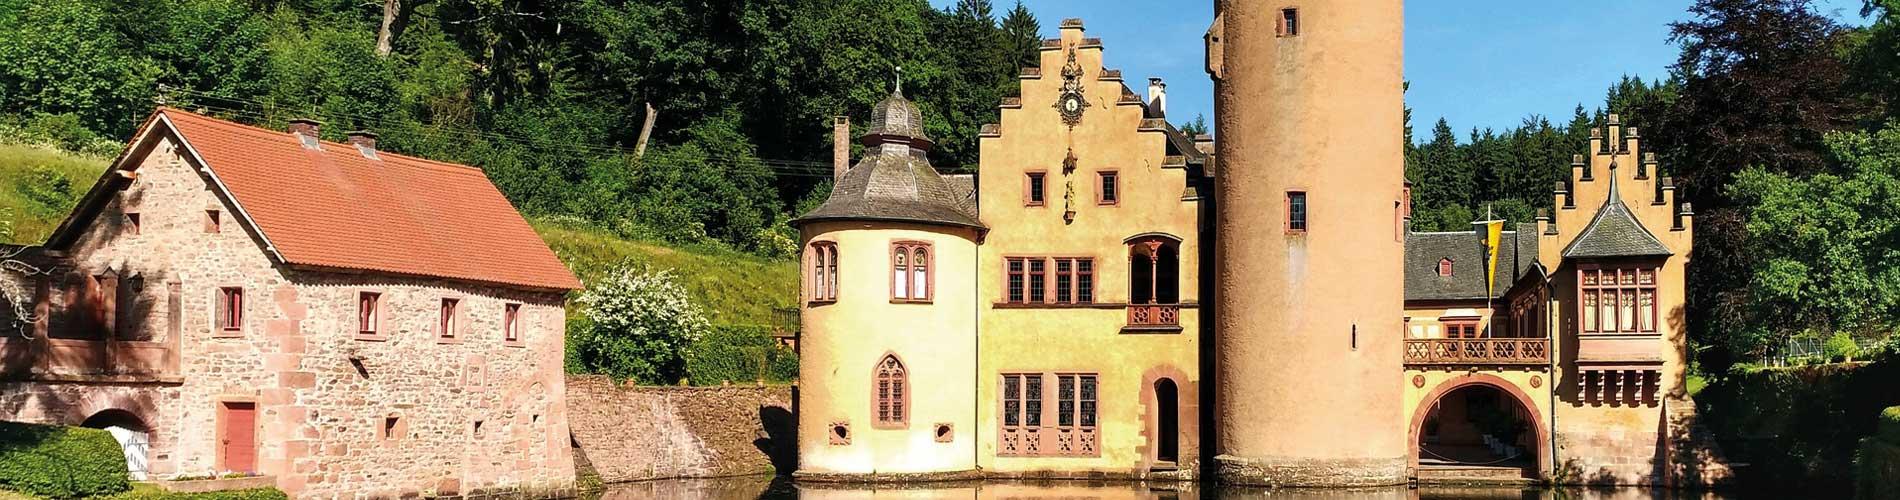 Blog_TopCastlesGermany_Mespelbrunn-Castle_1900x500